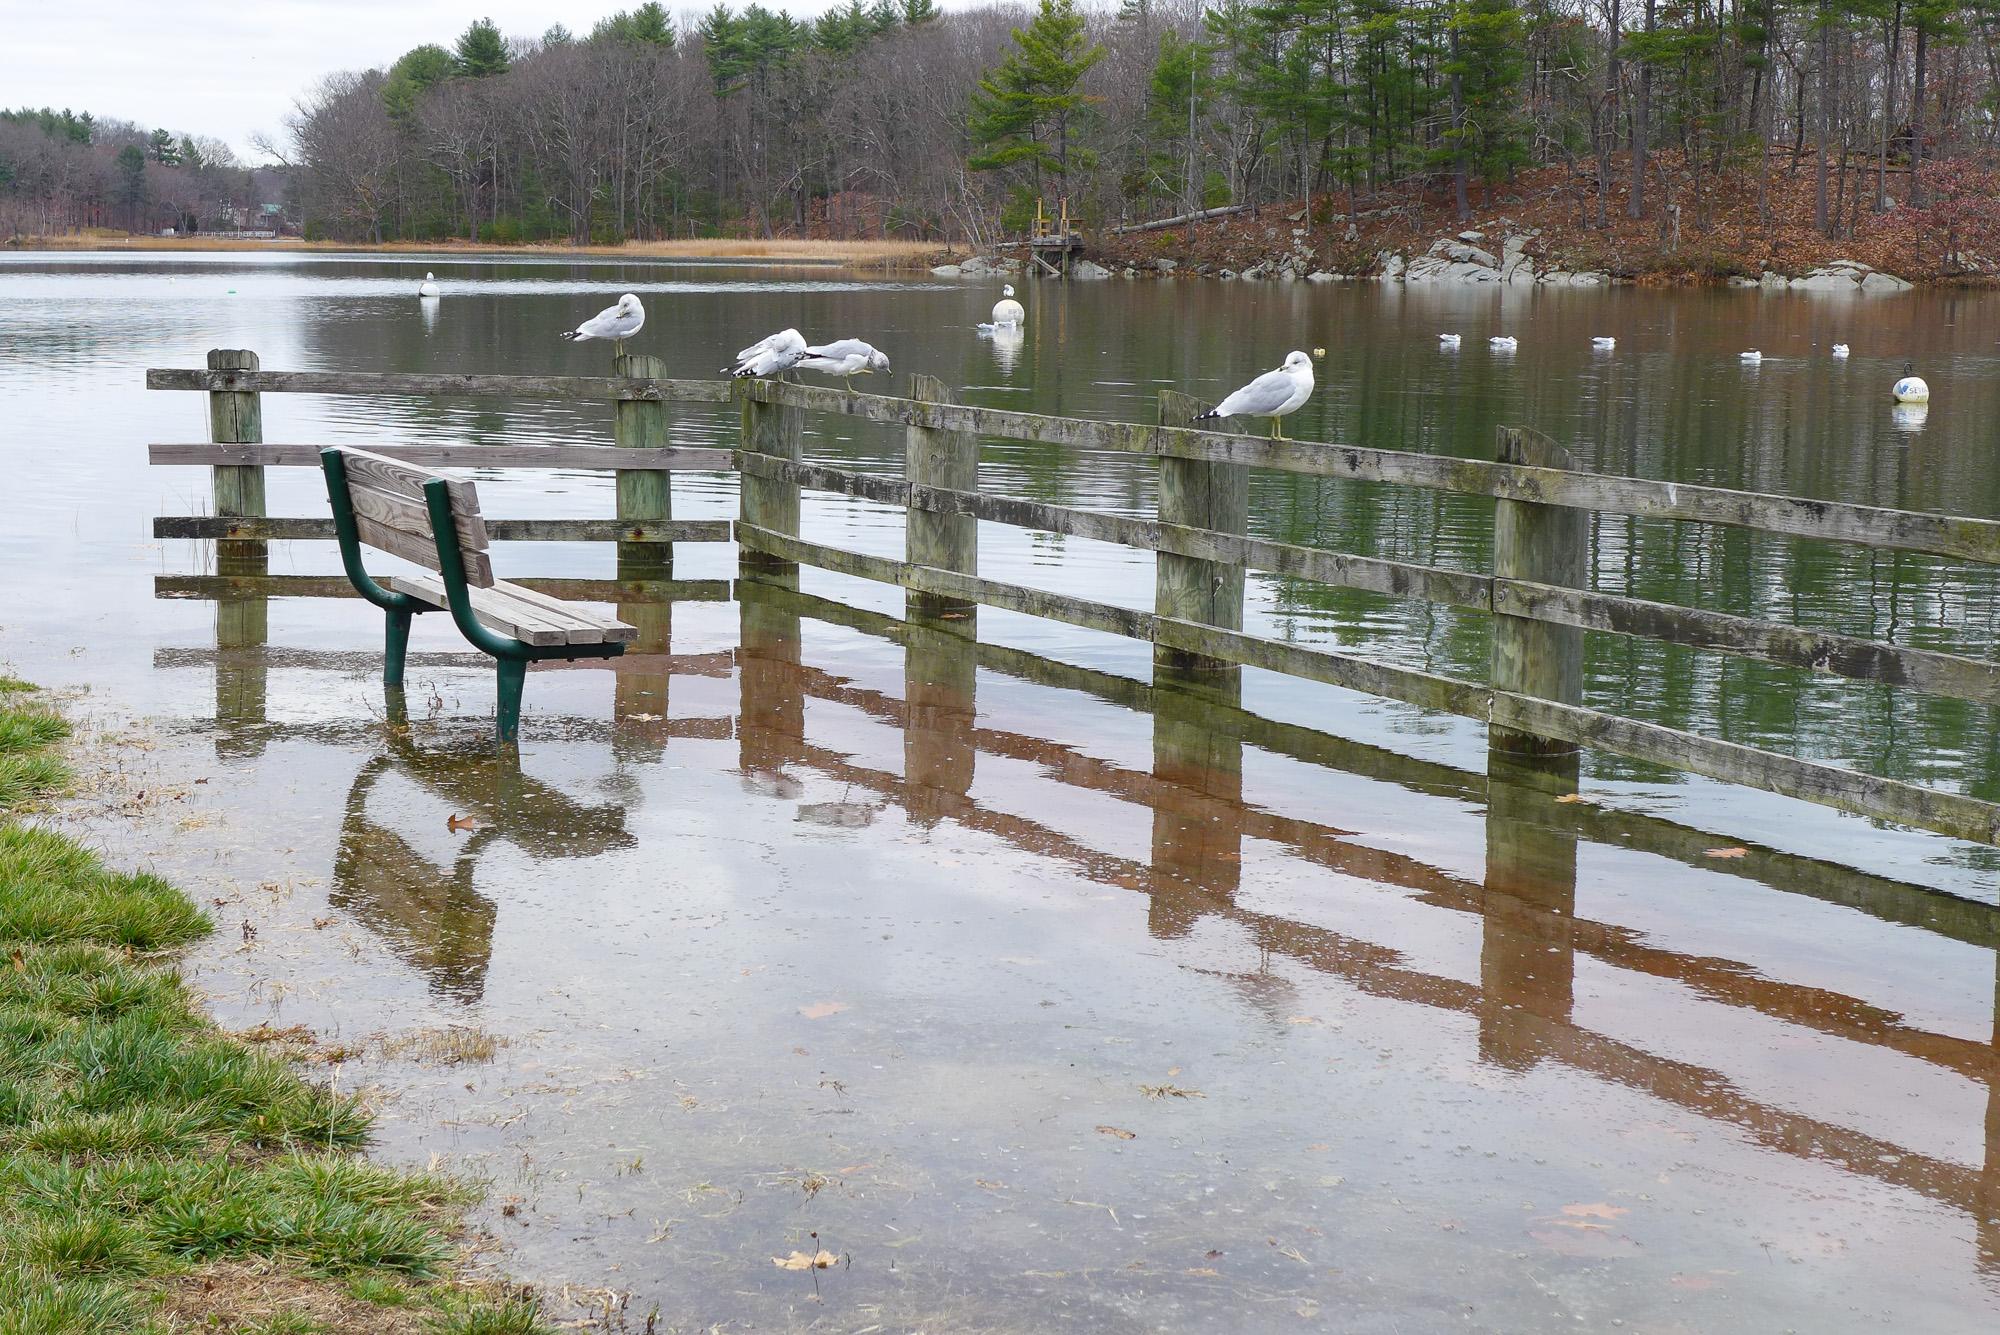 Jackson Landing Seagulls Seek High Ground. Photo credit: Julia Belshaw